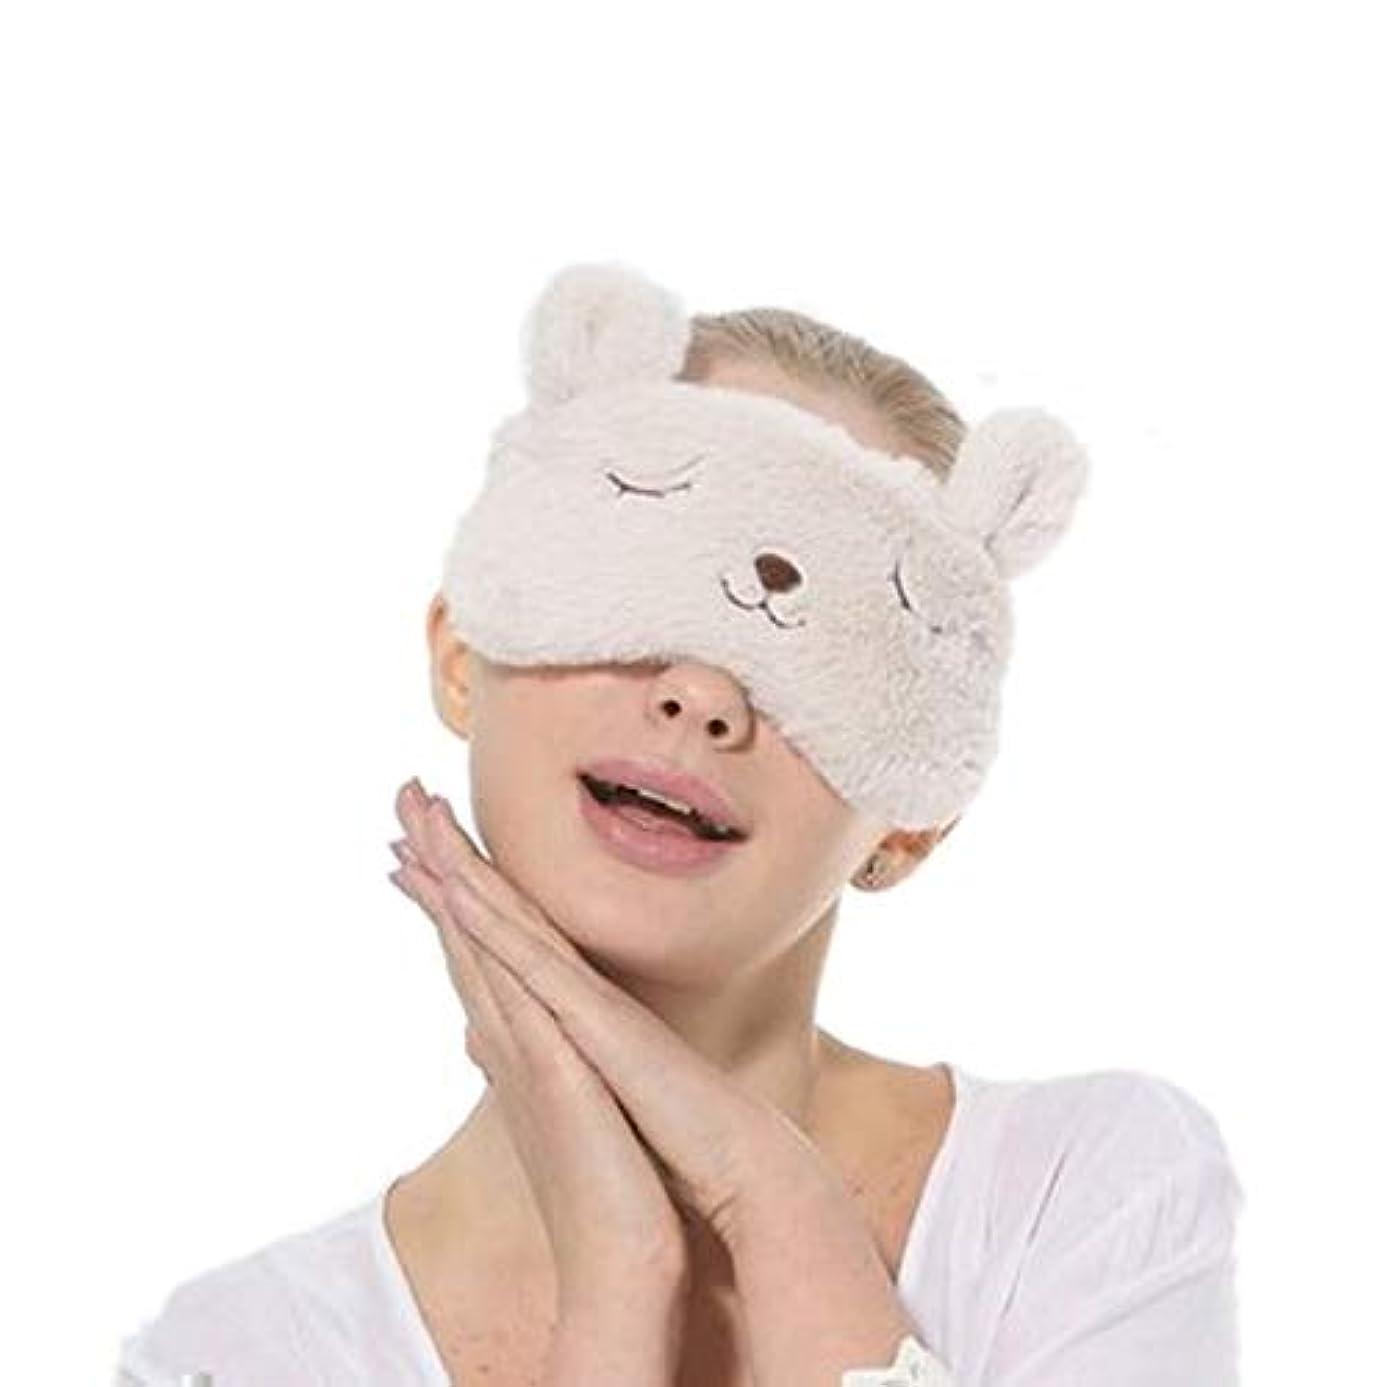 存在強大な何でも注USBスチームホットコンプレスアイマスク電気加熱漫画睡眠シェーディングは、黒丸に目の疲れを軽減快適な気性